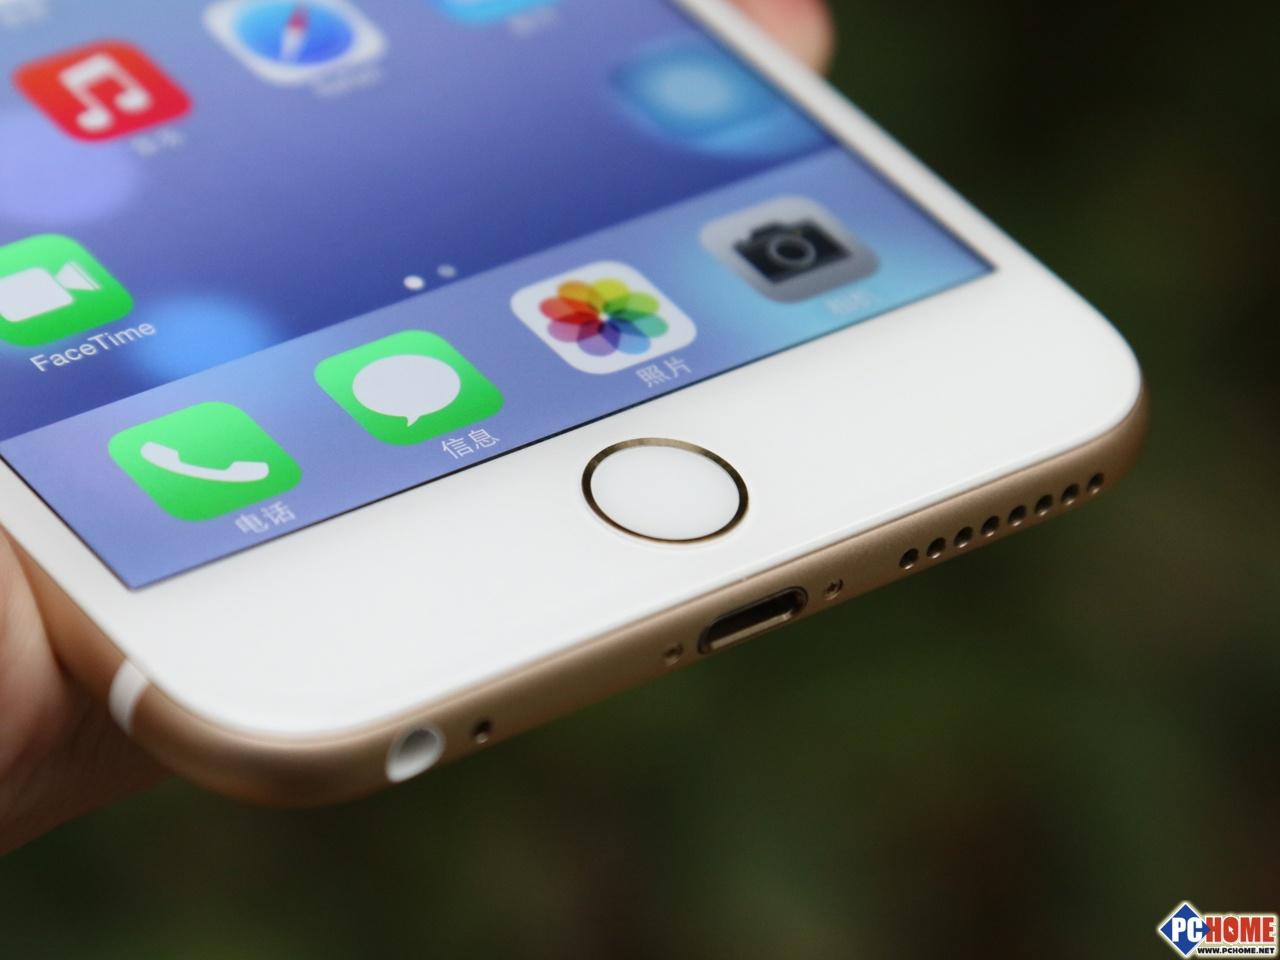 美版iphone6plus依旧延续了800万像素的镜头设计图片